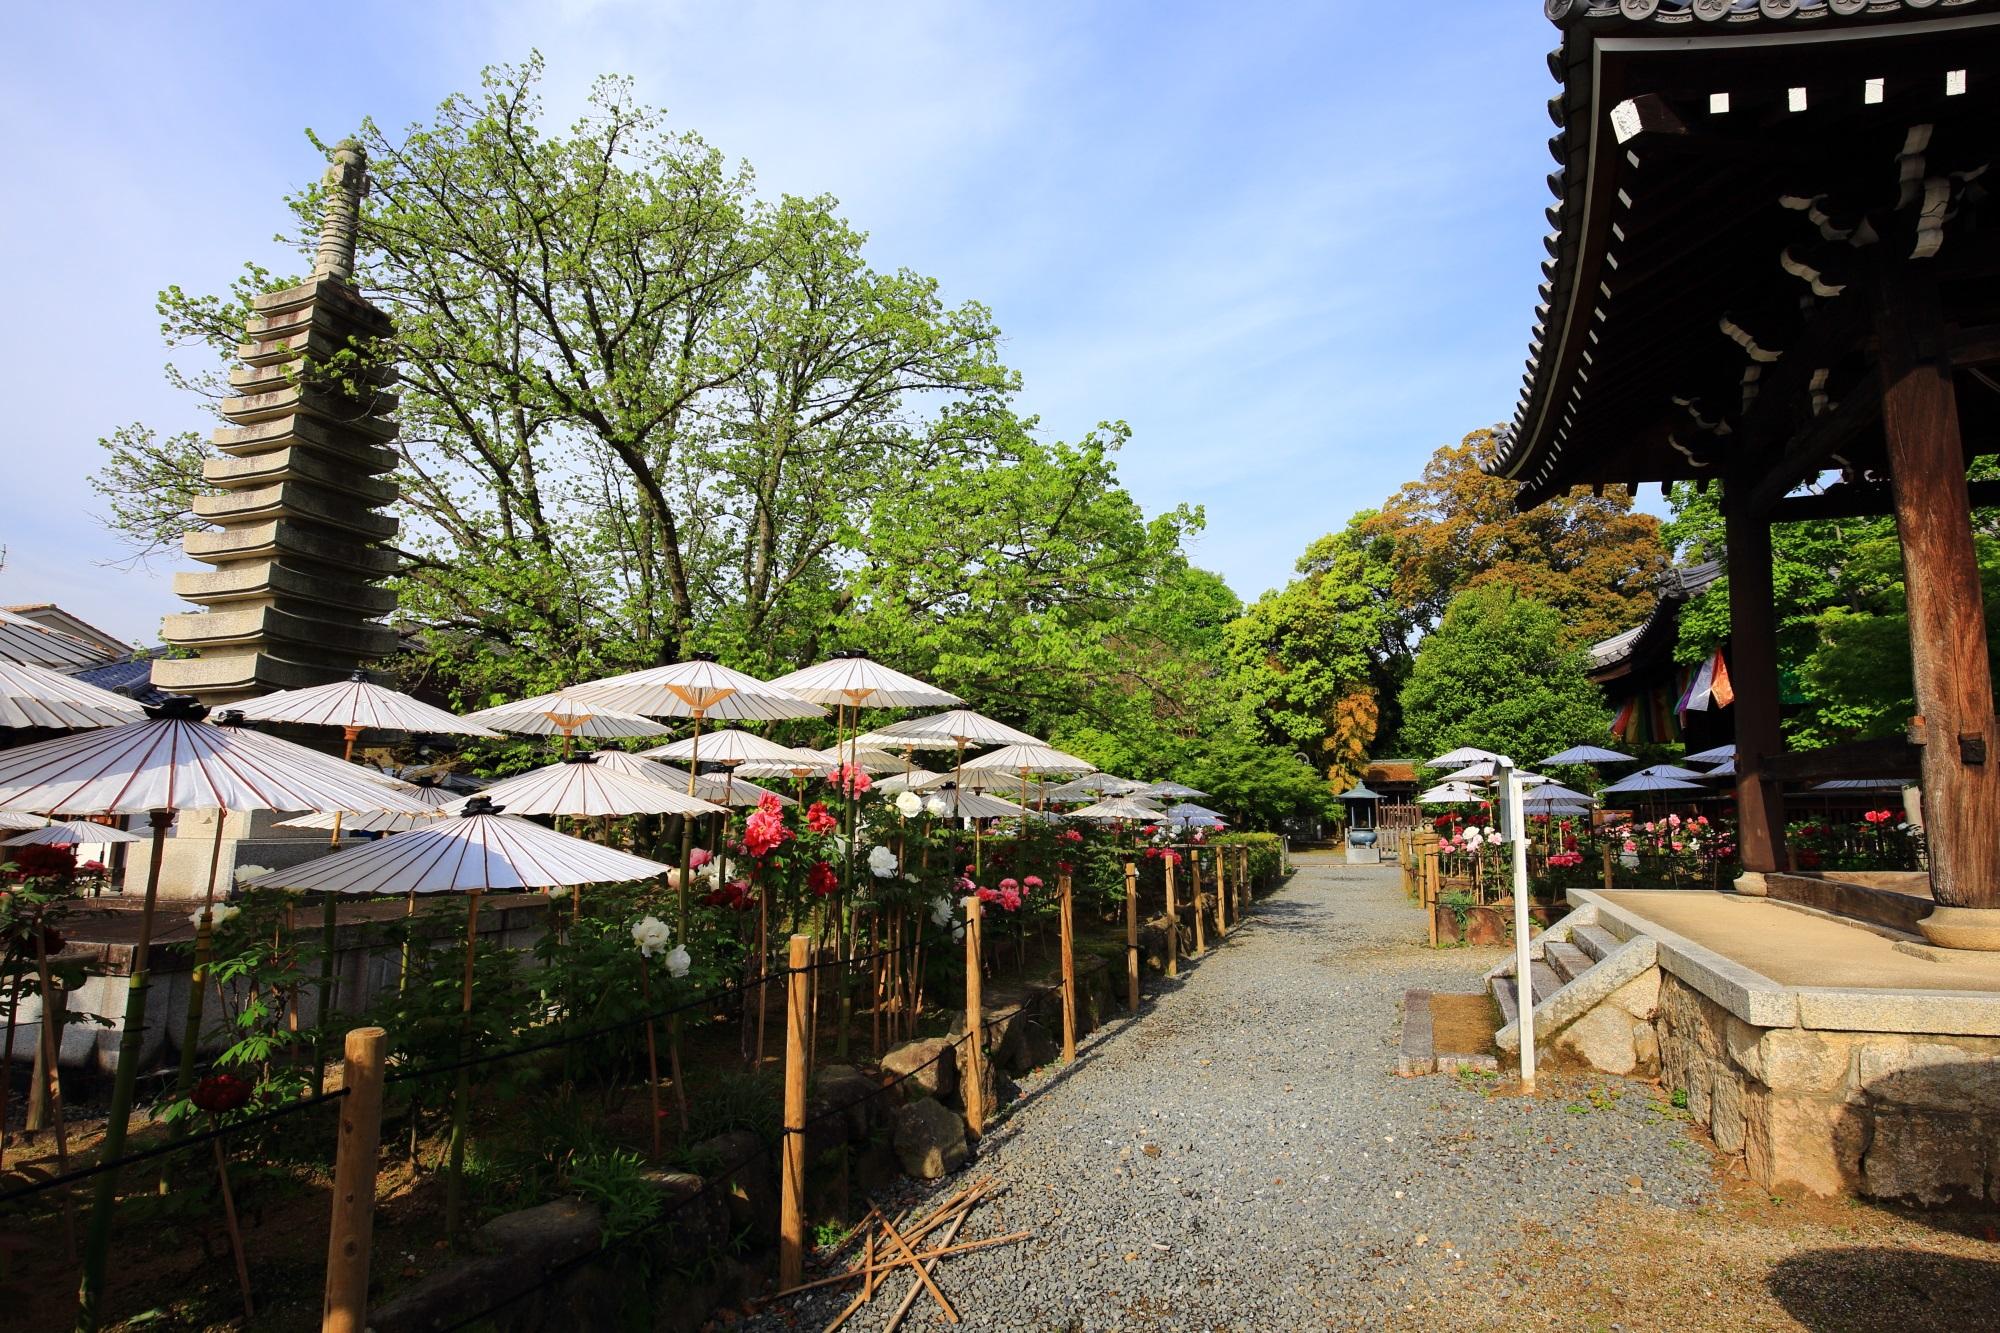 街中にあるも境内には自然がいっぱいの乙訓寺